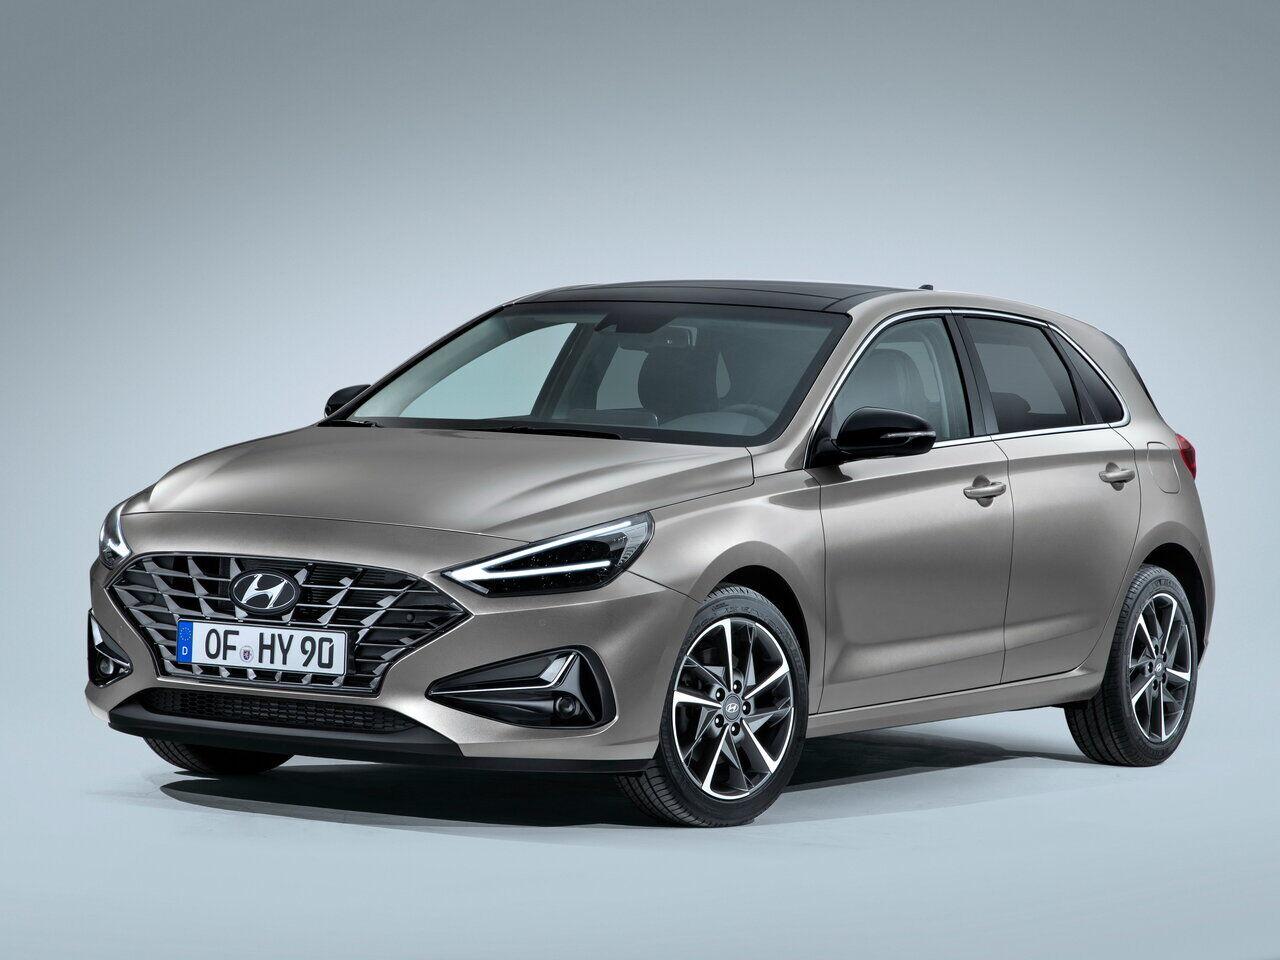 За новый Hyundai i30 просят 450 000 грн – не очень много